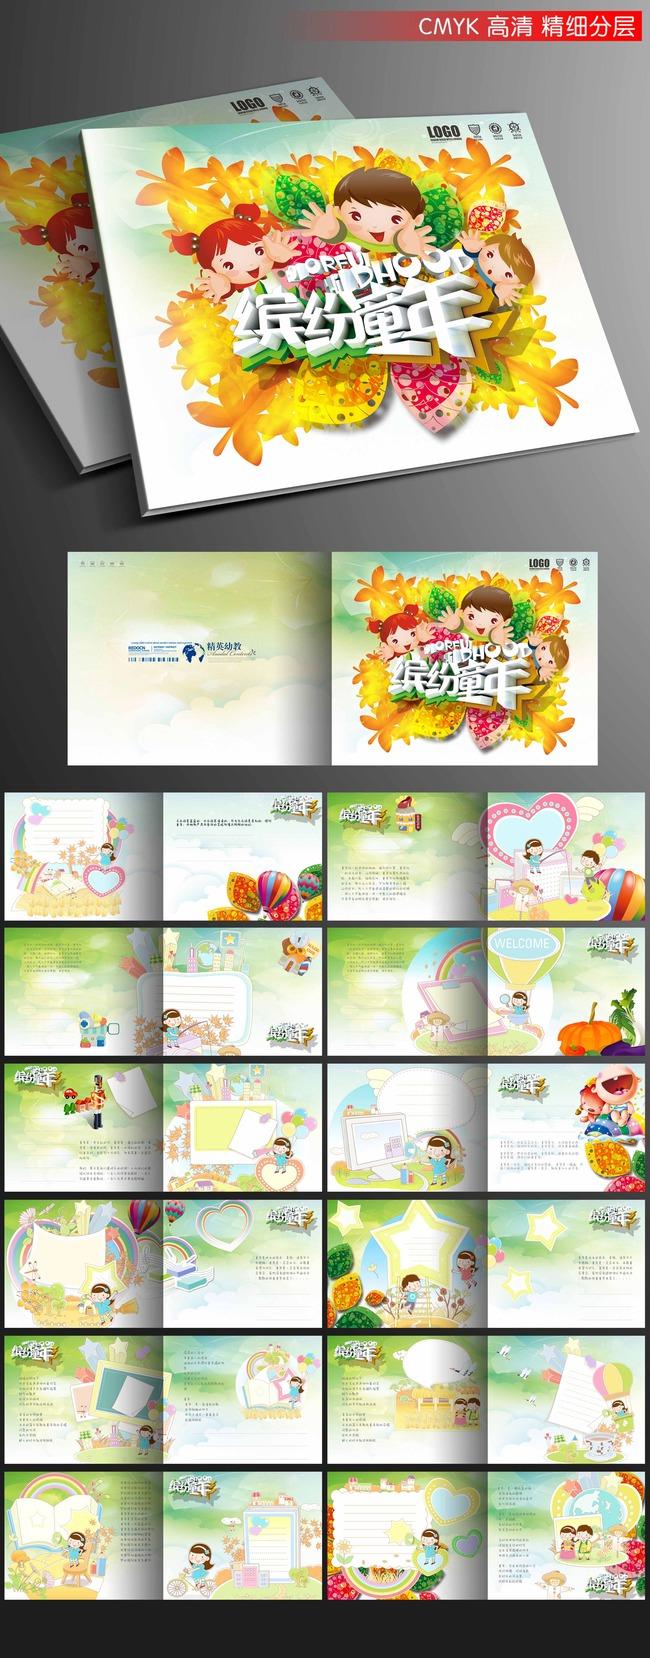 卡通幼儿儿童成长记录画册